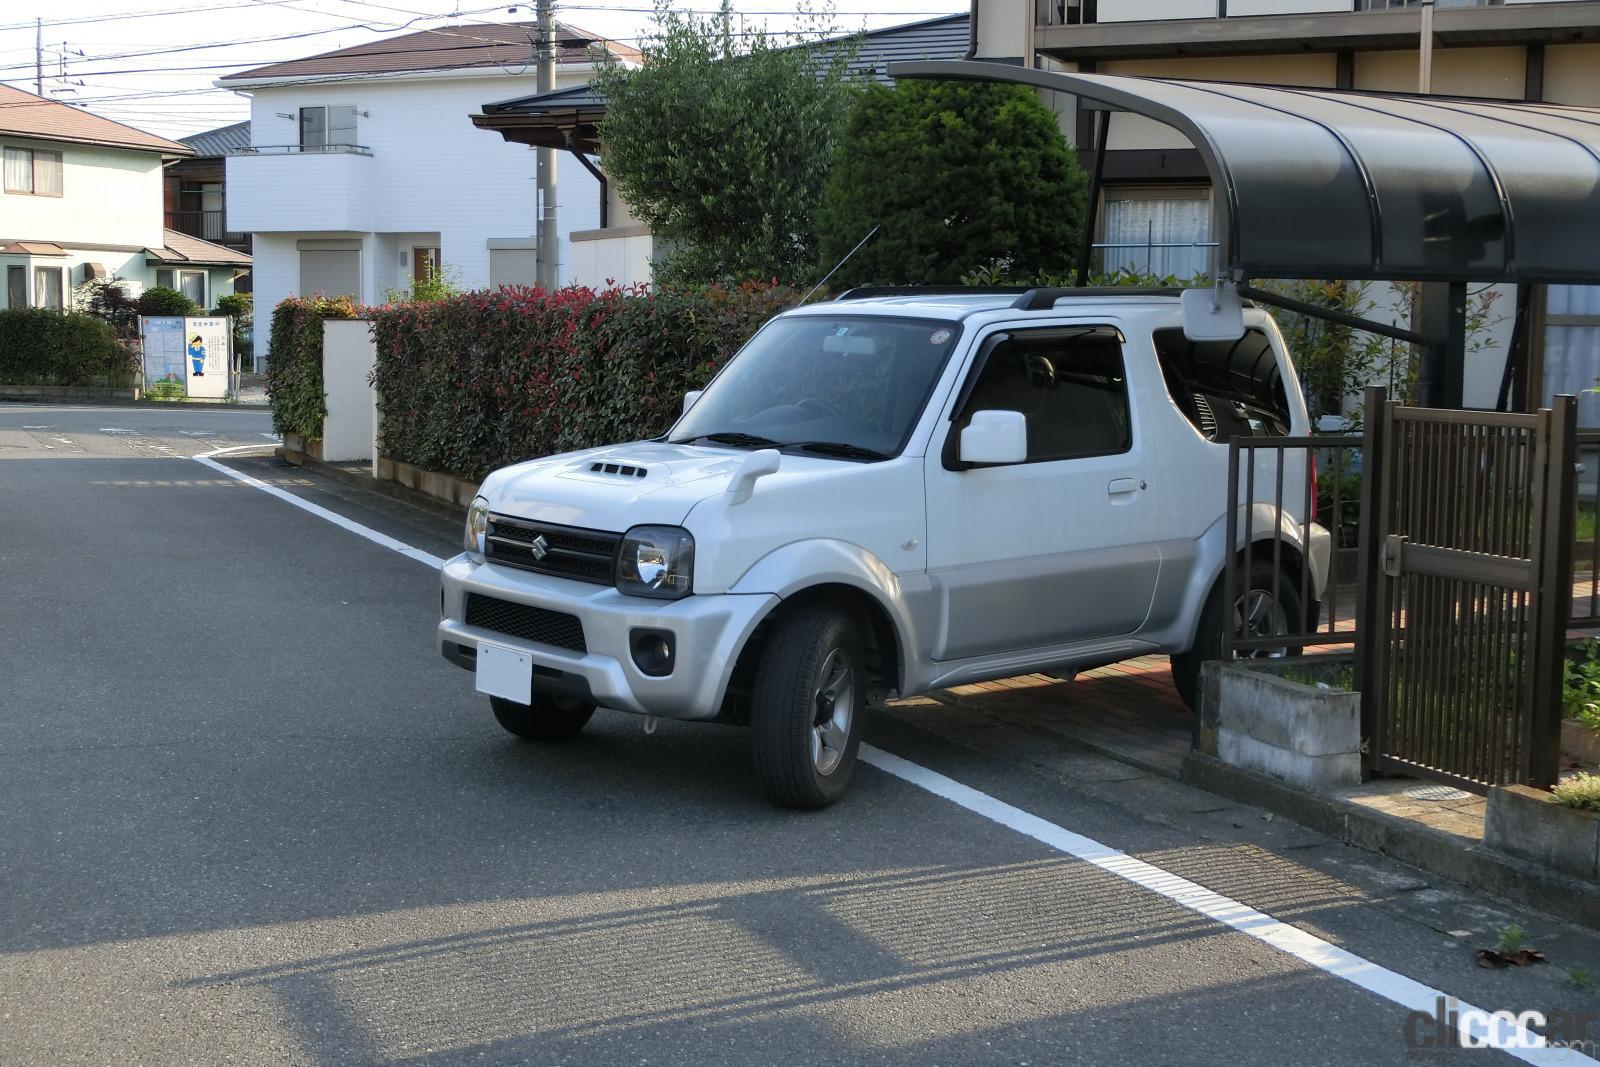 バック駐車・車庫入れで簡単にまっすぐスマートに決めるコツは目線とハンドル操作